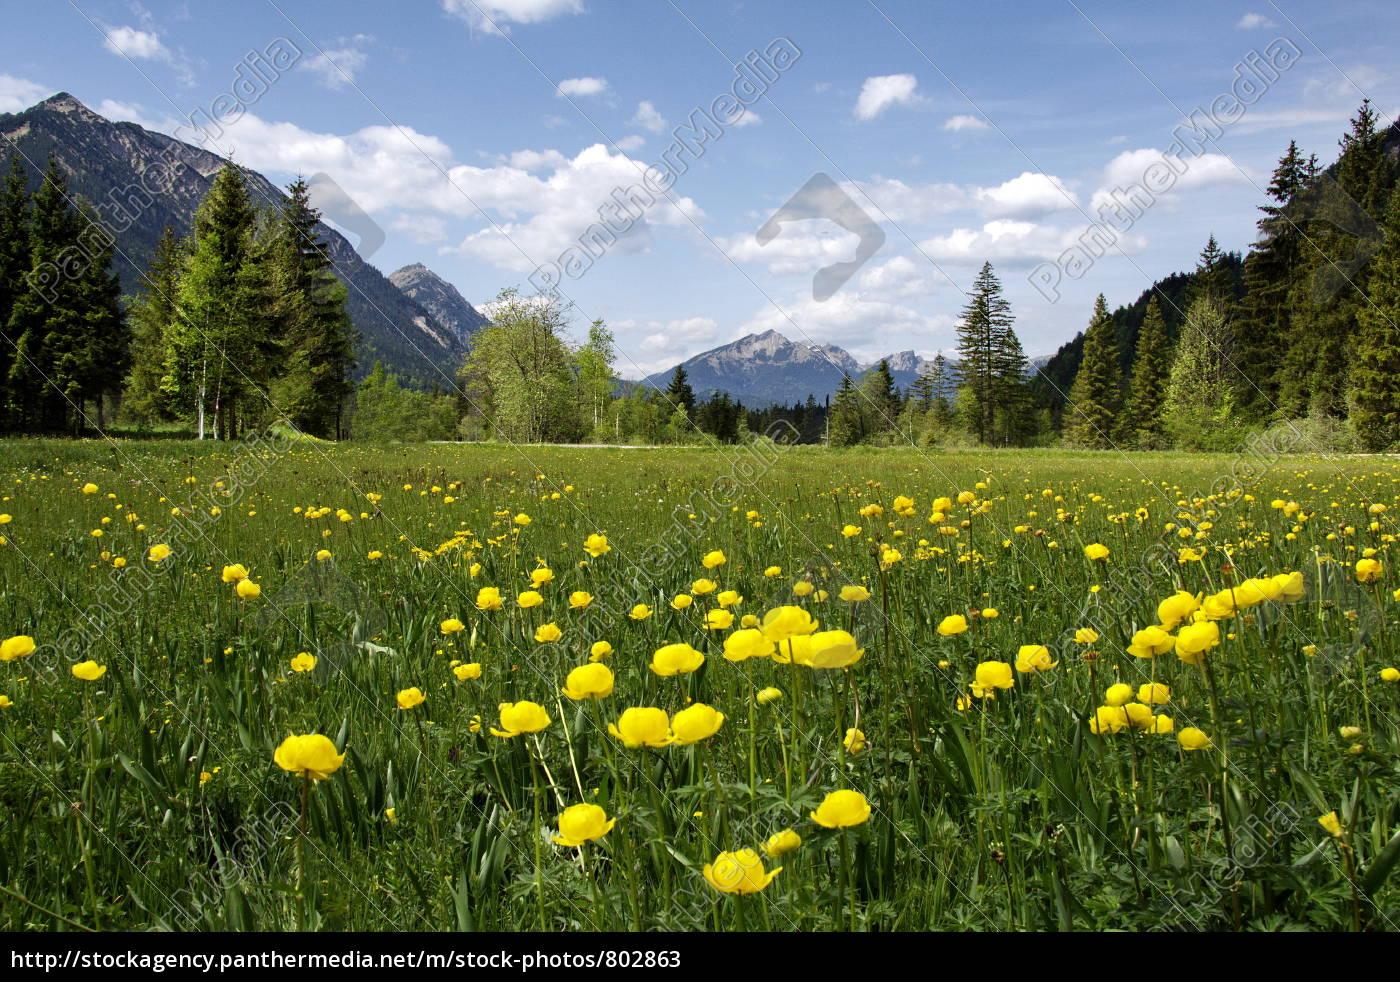 troll, flower, meadow, in, the, grasswang - 802863